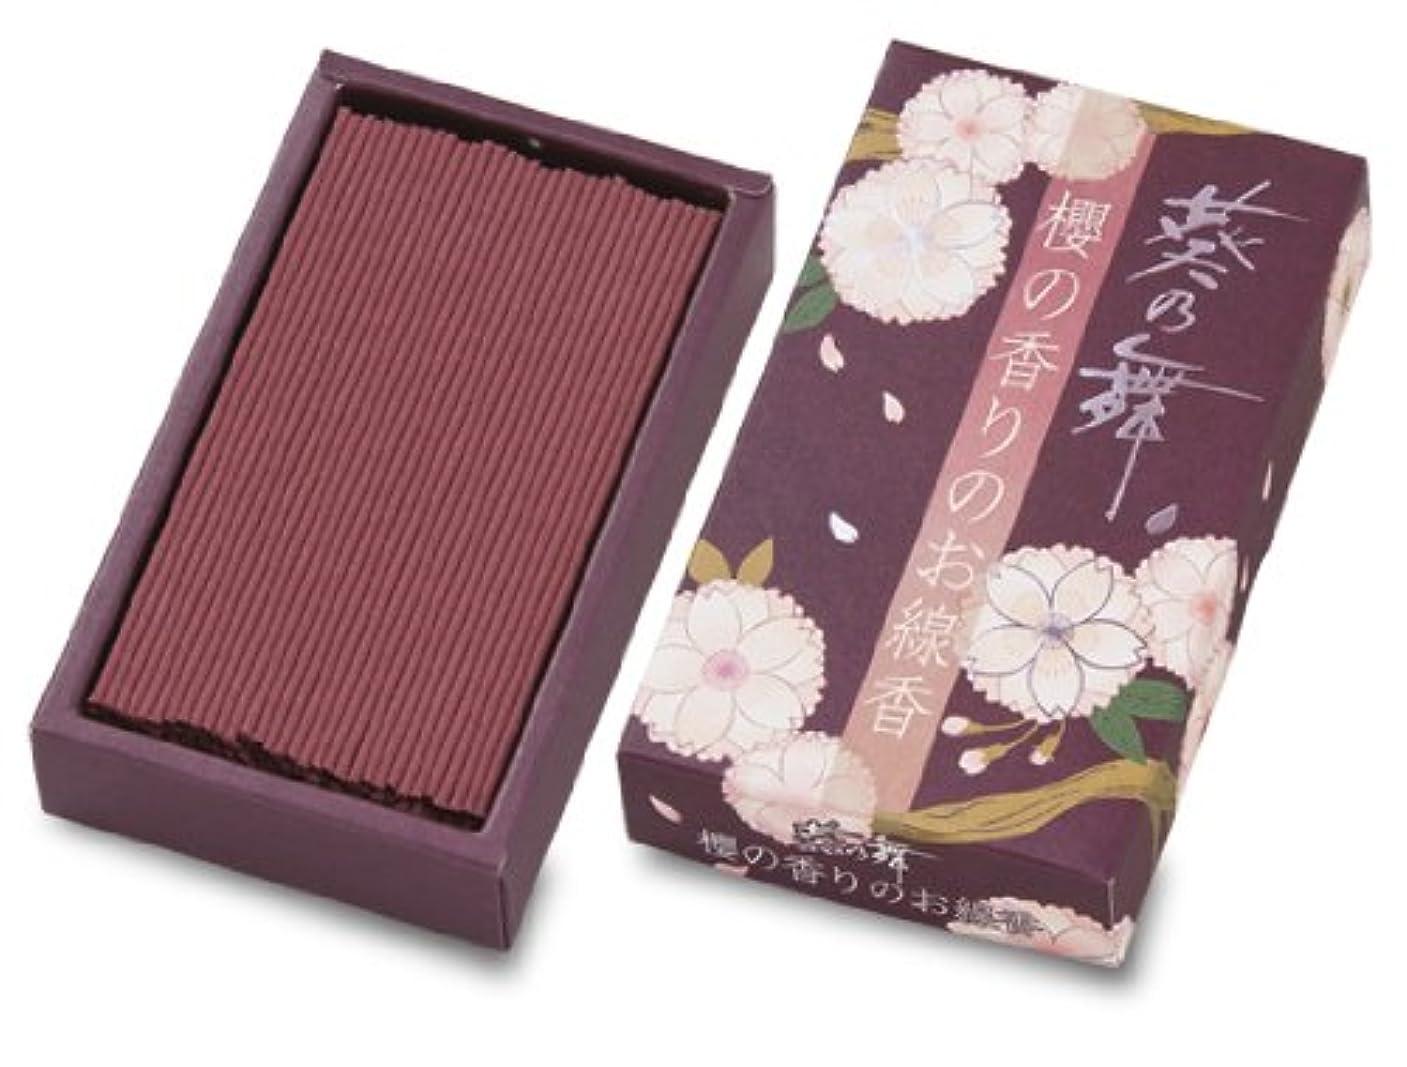 利点するだろう羽葵乃舞 櫻の香りのお線香 各約130g